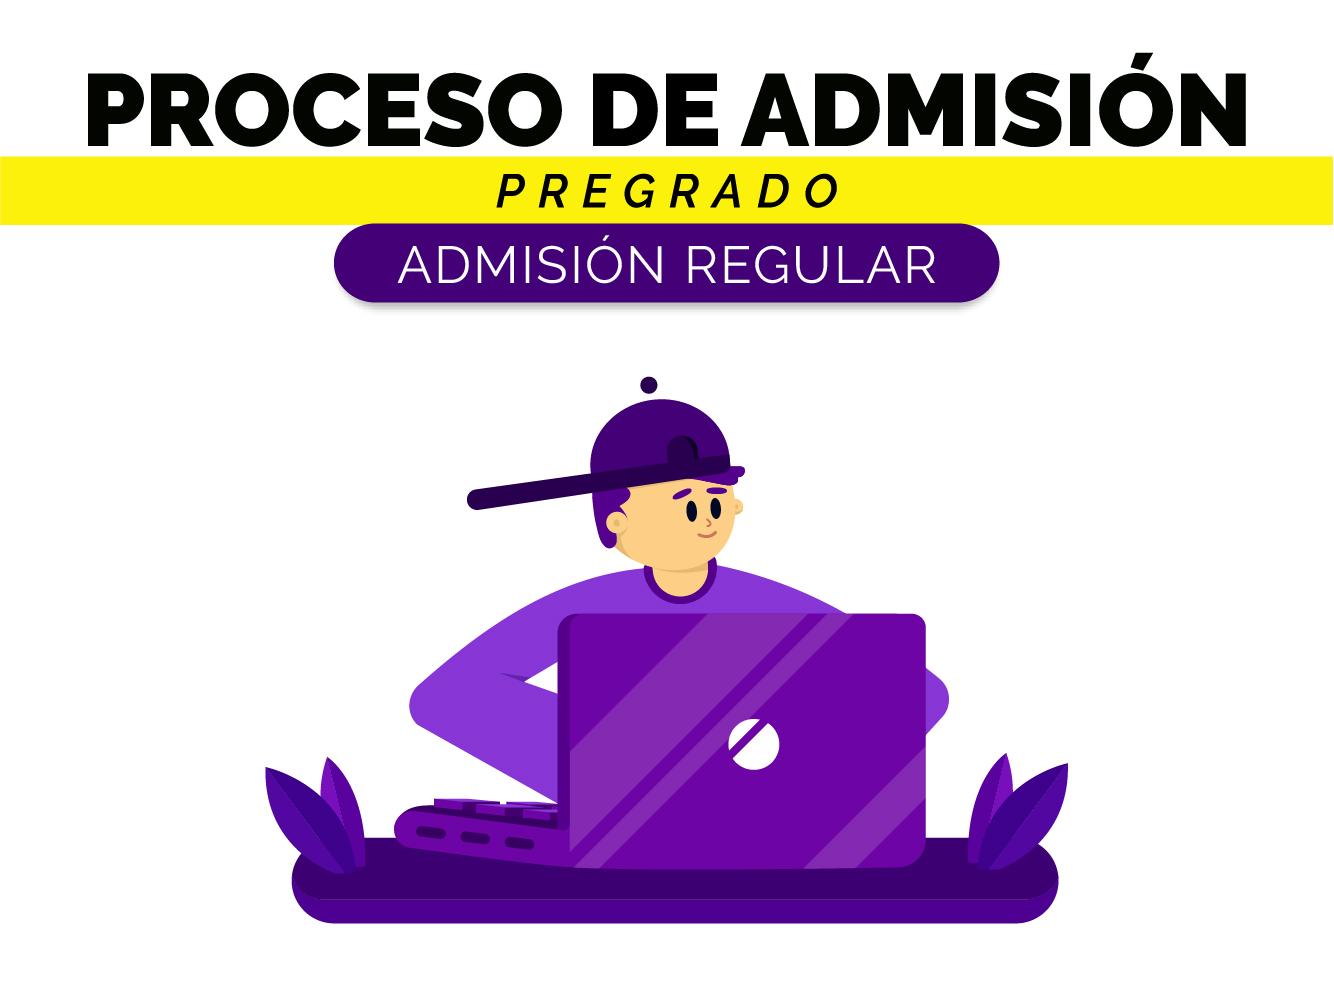 Conoce el proceso de admisión regular